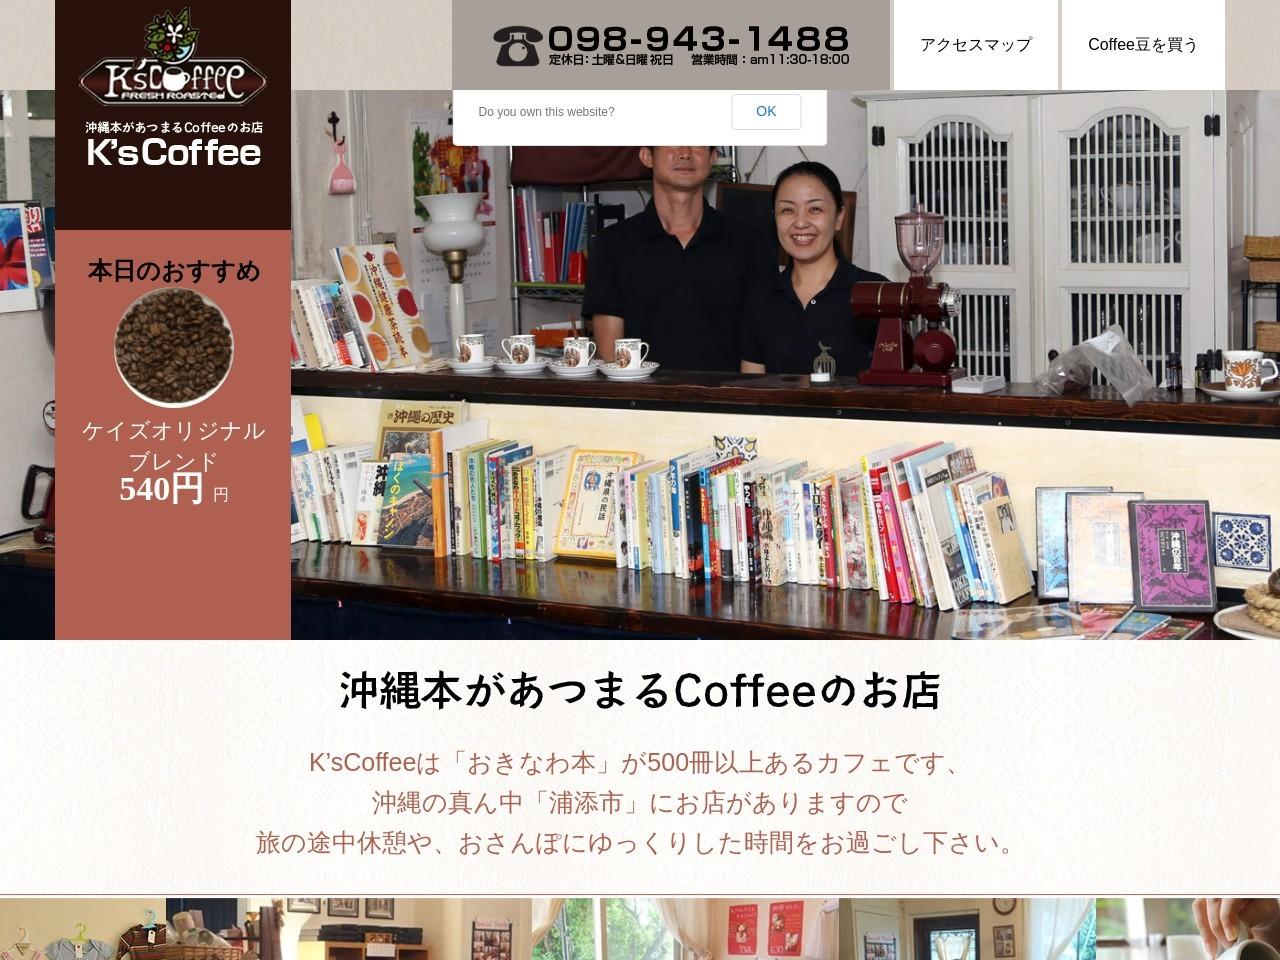 沖縄の本が読めるK'sCoffee(ケーズコーヒー)